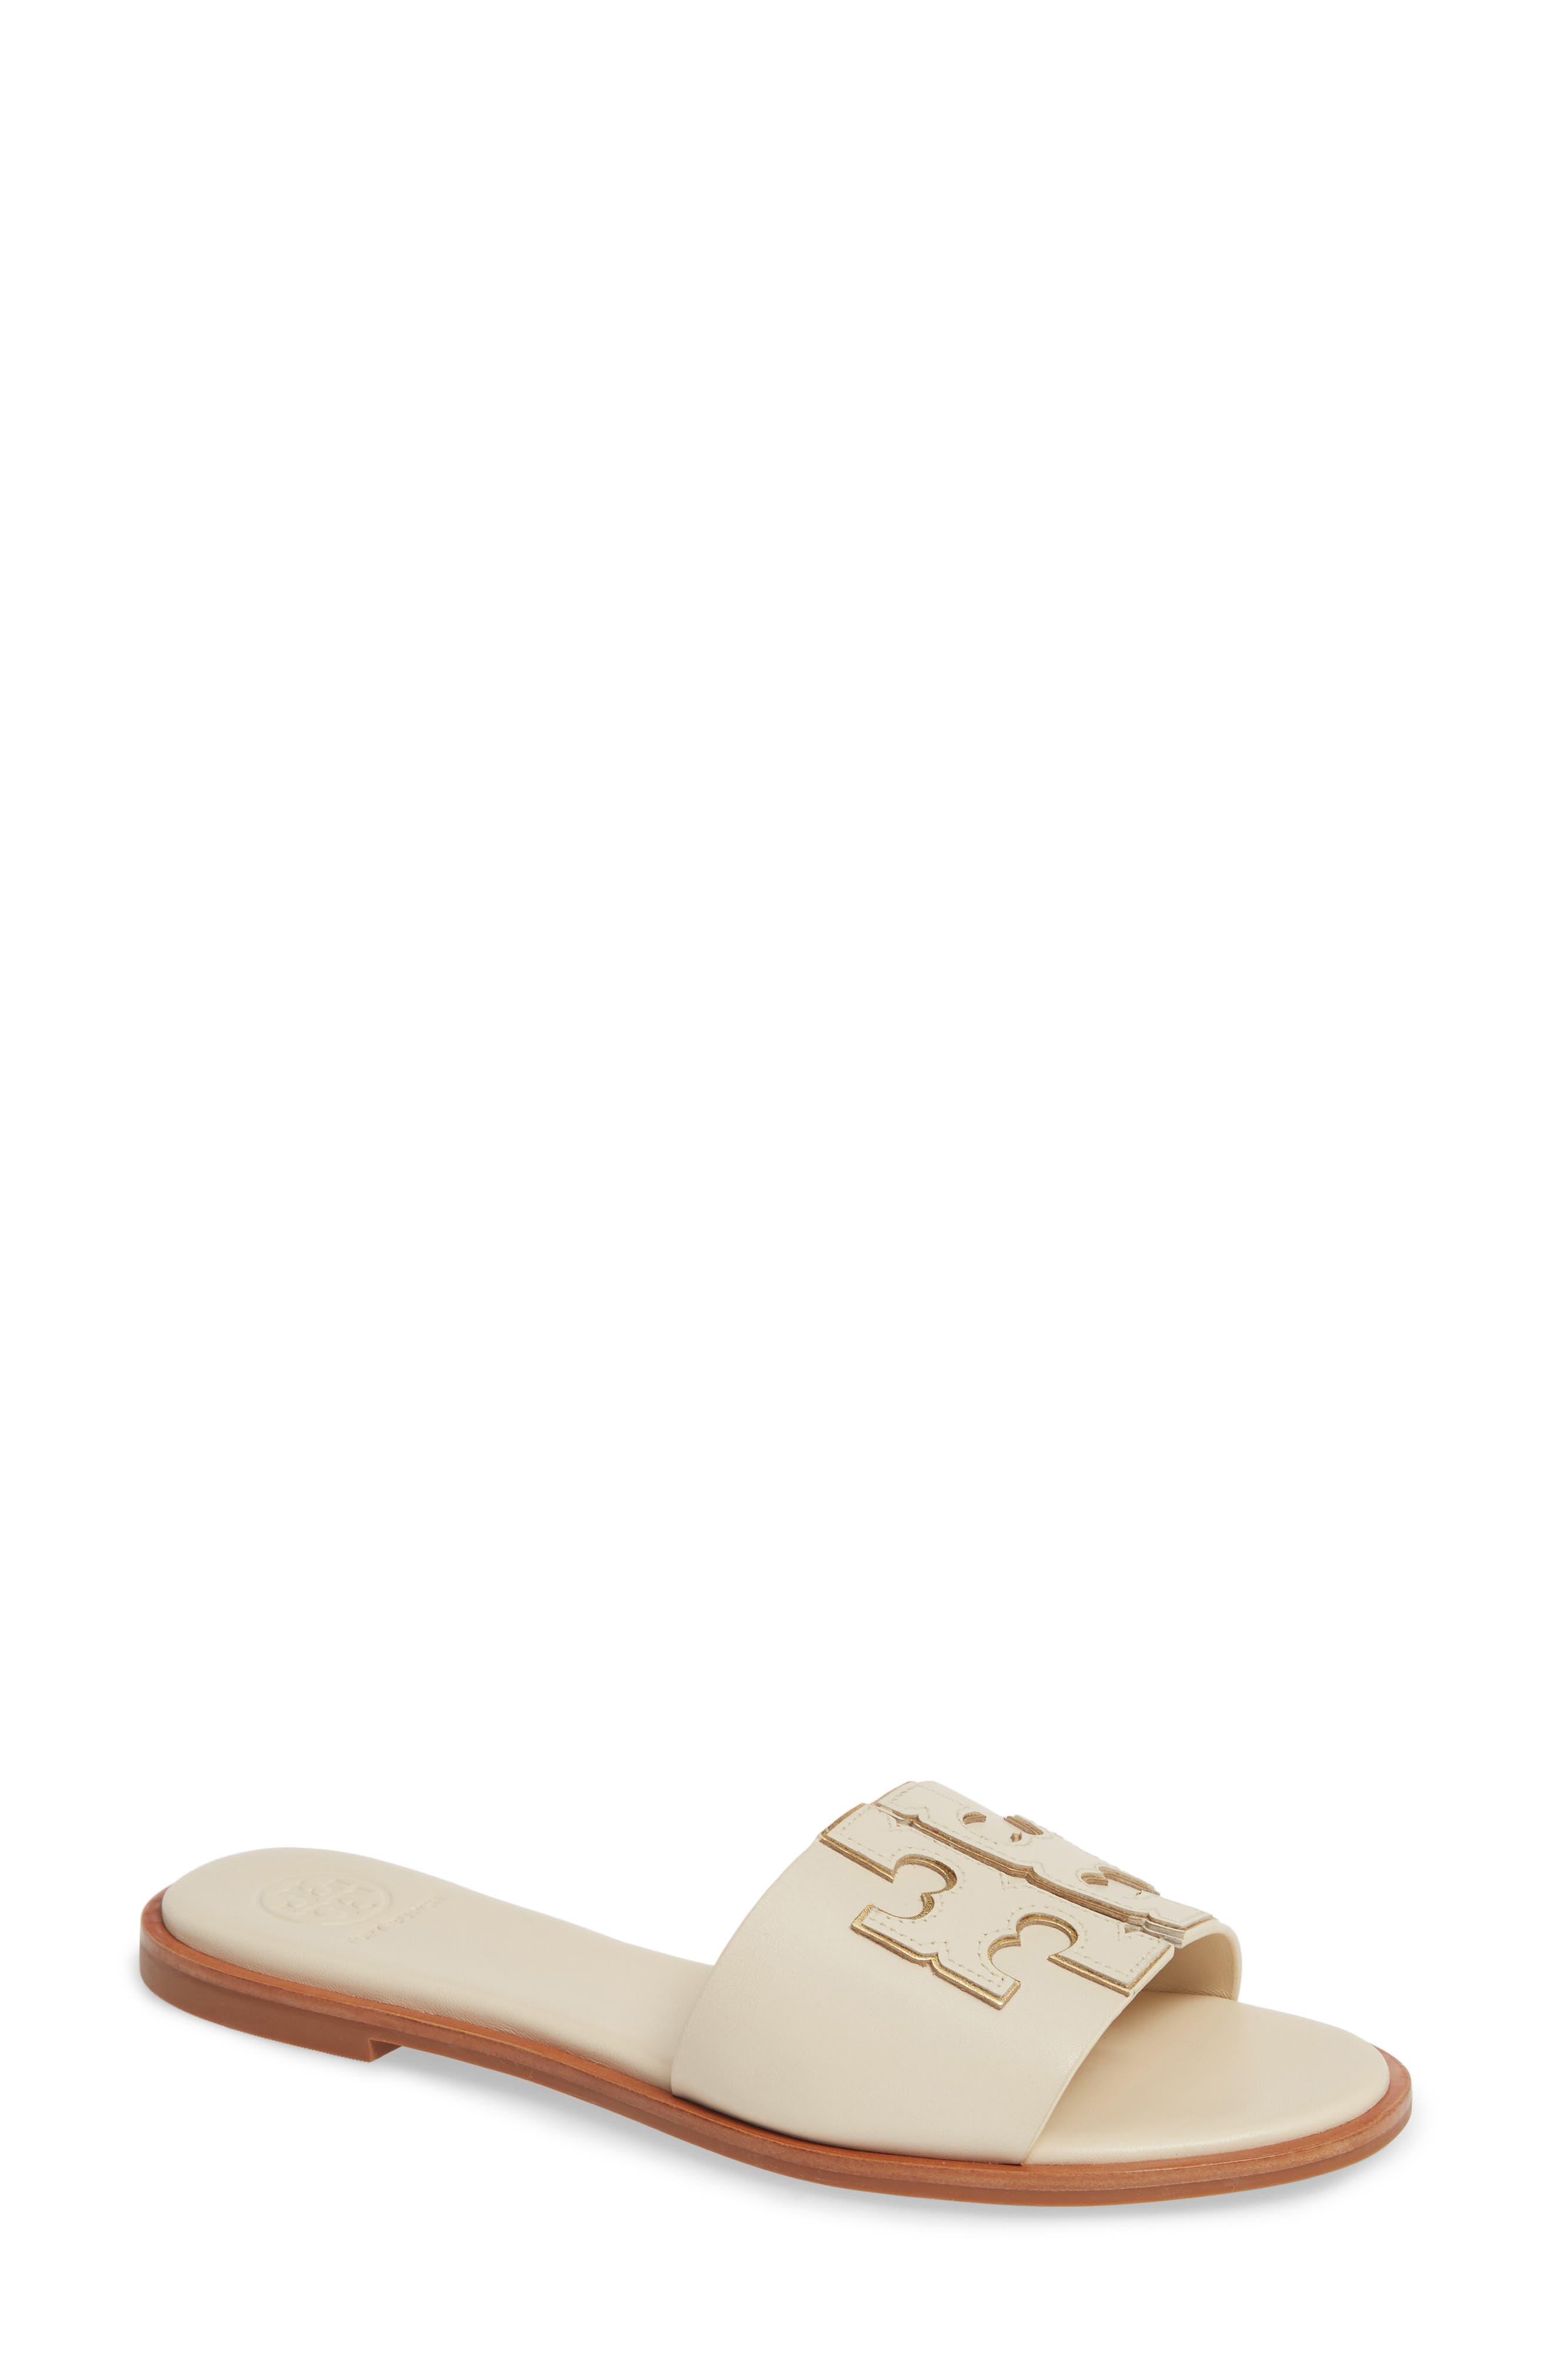 Ines Slide Sandal, Main, color, NEW CREAM/ GOLD